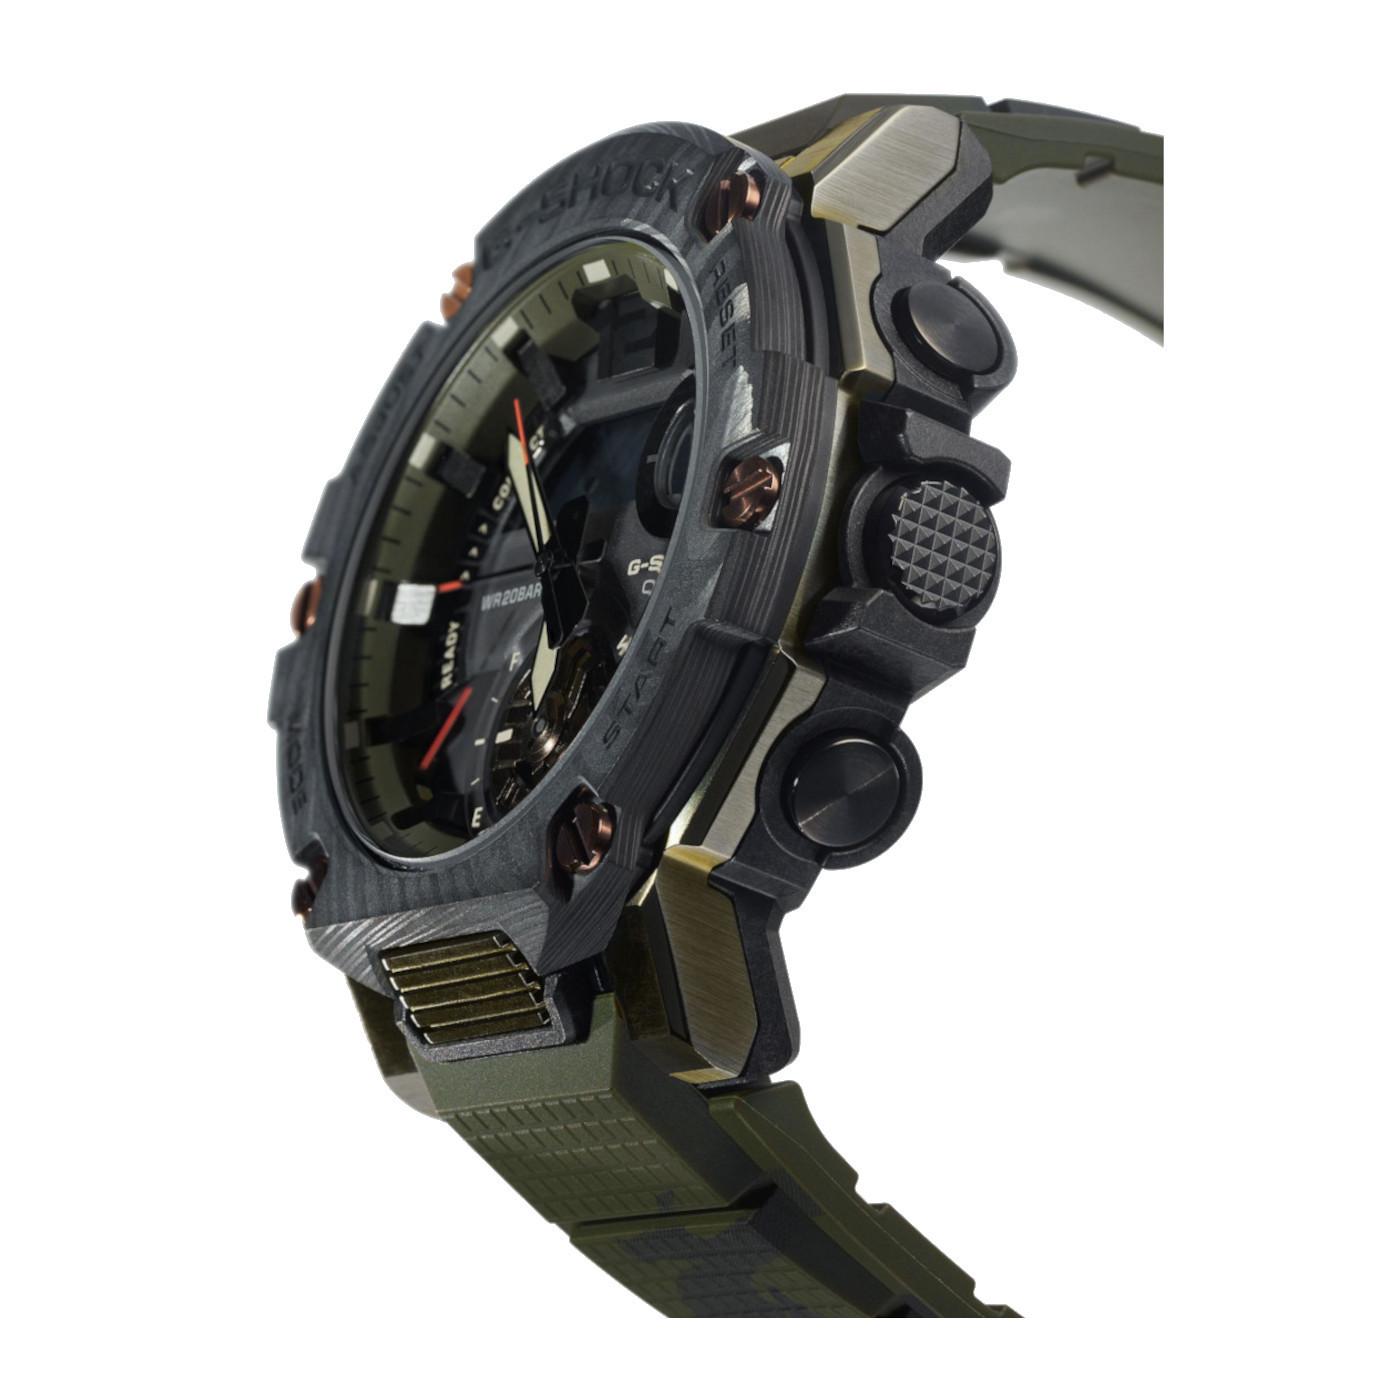 G-Shock G-Steel horloge GST-B300XB-1A3ER